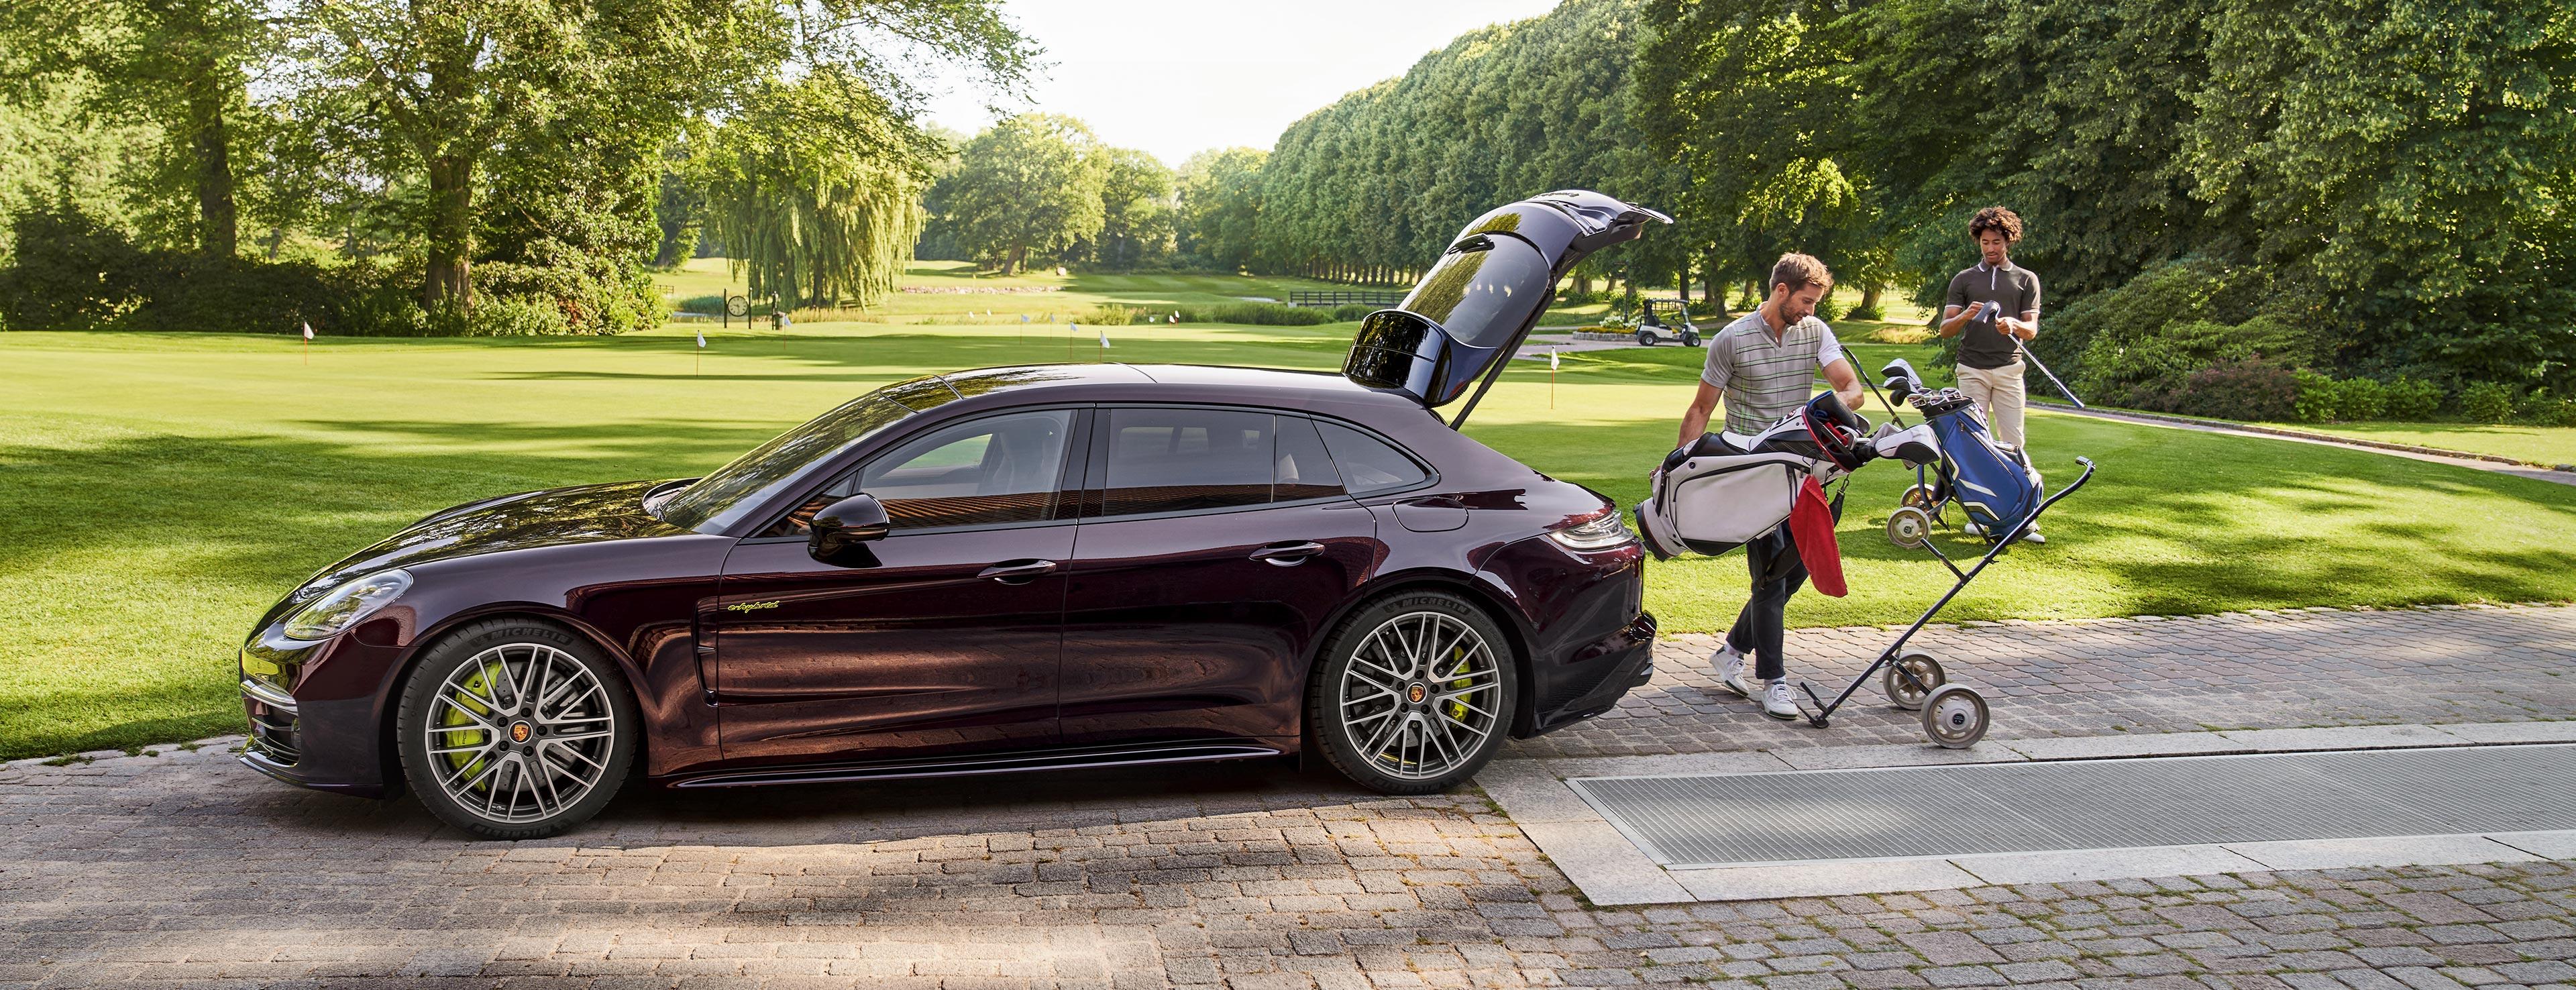 Porsche Rodas Acessorios Porsche Brazil